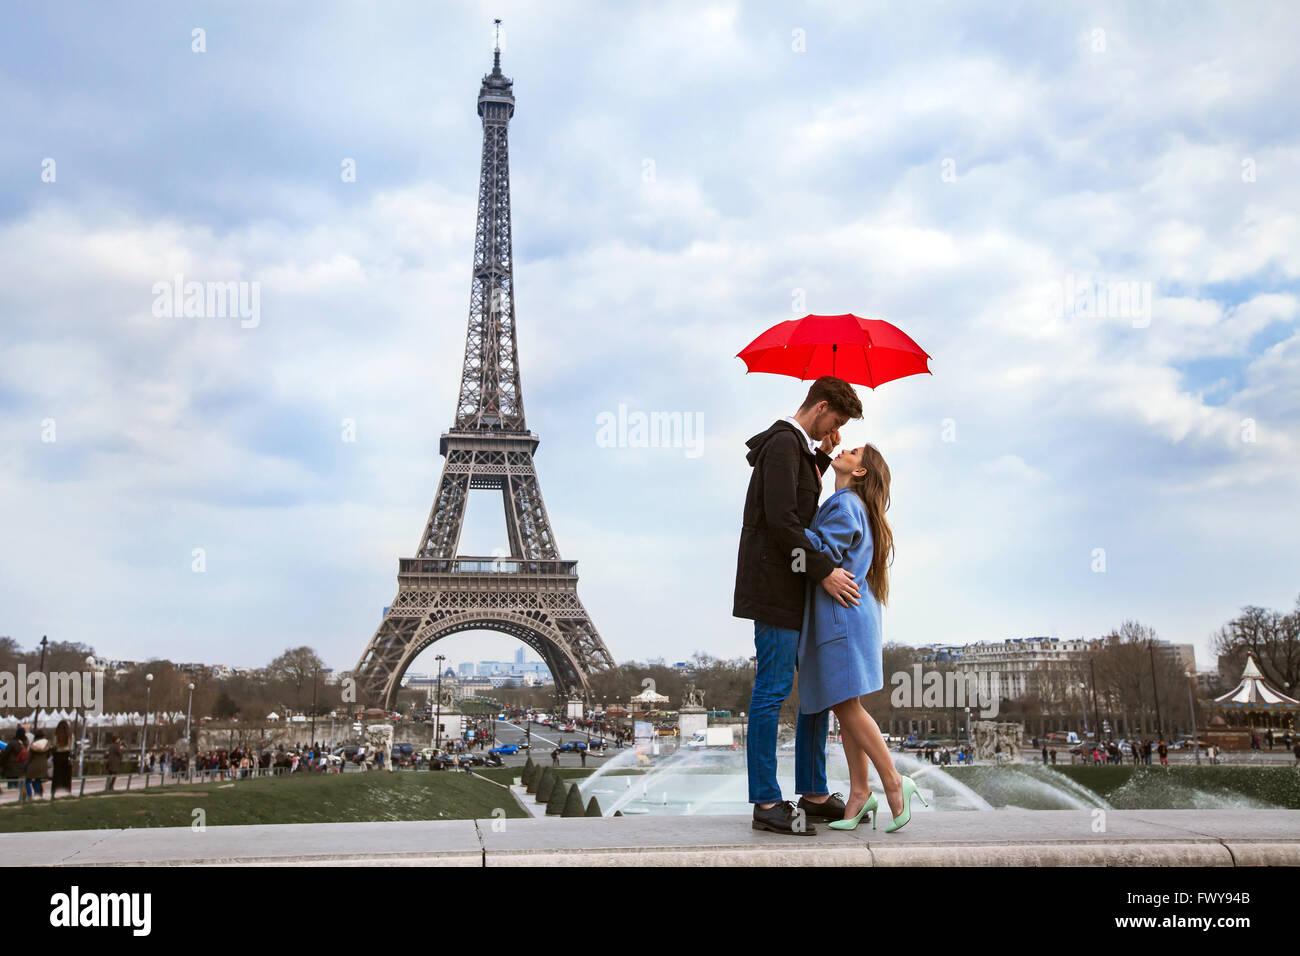 Hermosa joven con sombrilla cerca de la Torre Eiffel, luna de miel en París, momento romántico Foto de stock